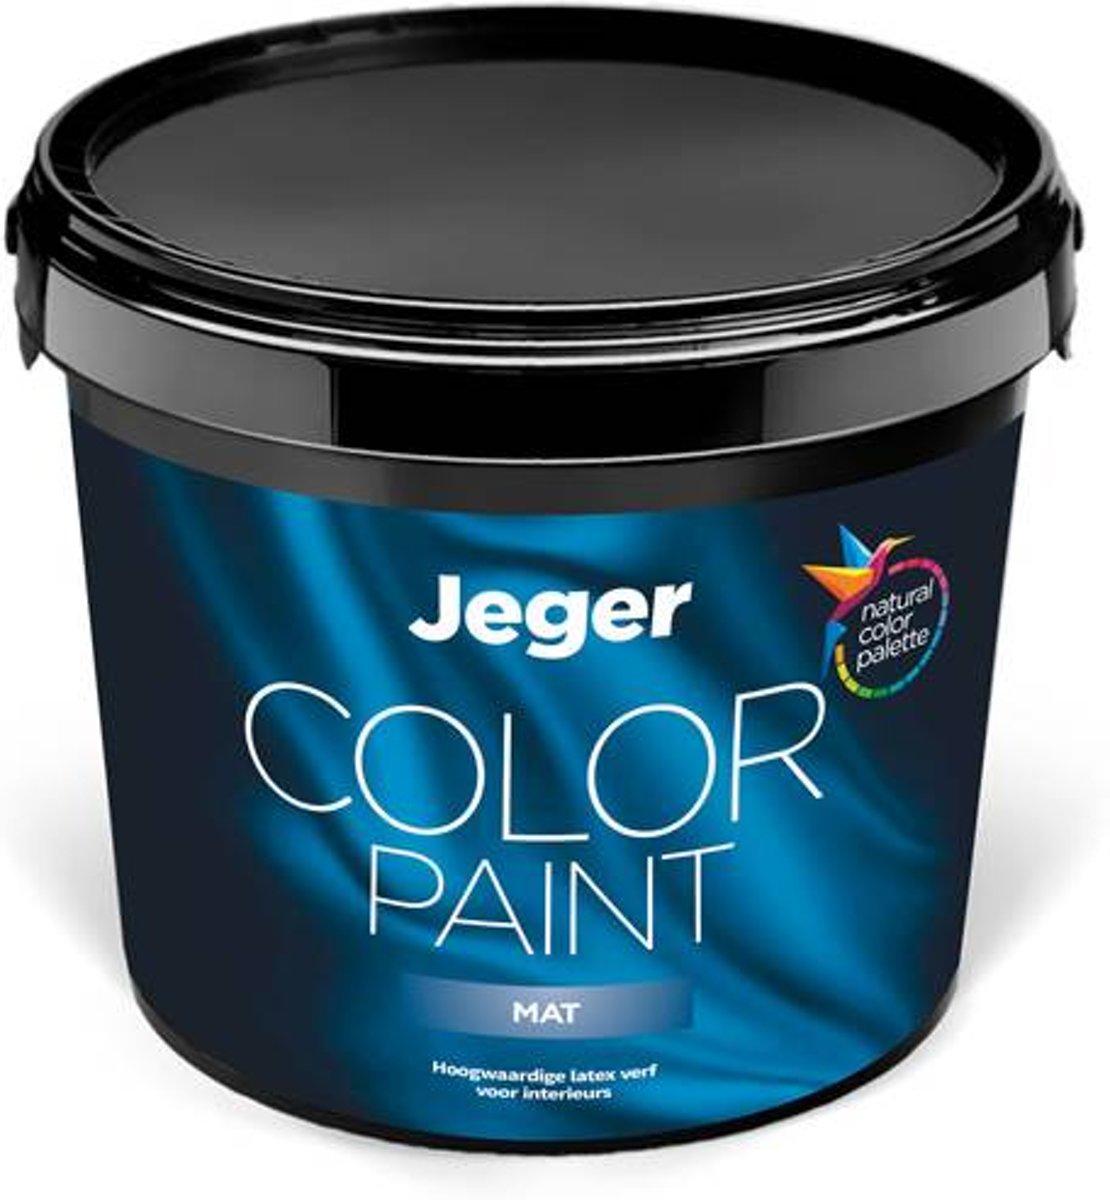 Jeger muurverf Mat voor binnen | 5 liter | Kleur Olijfgeel (RAL 1020) Olijfgeel - 5L